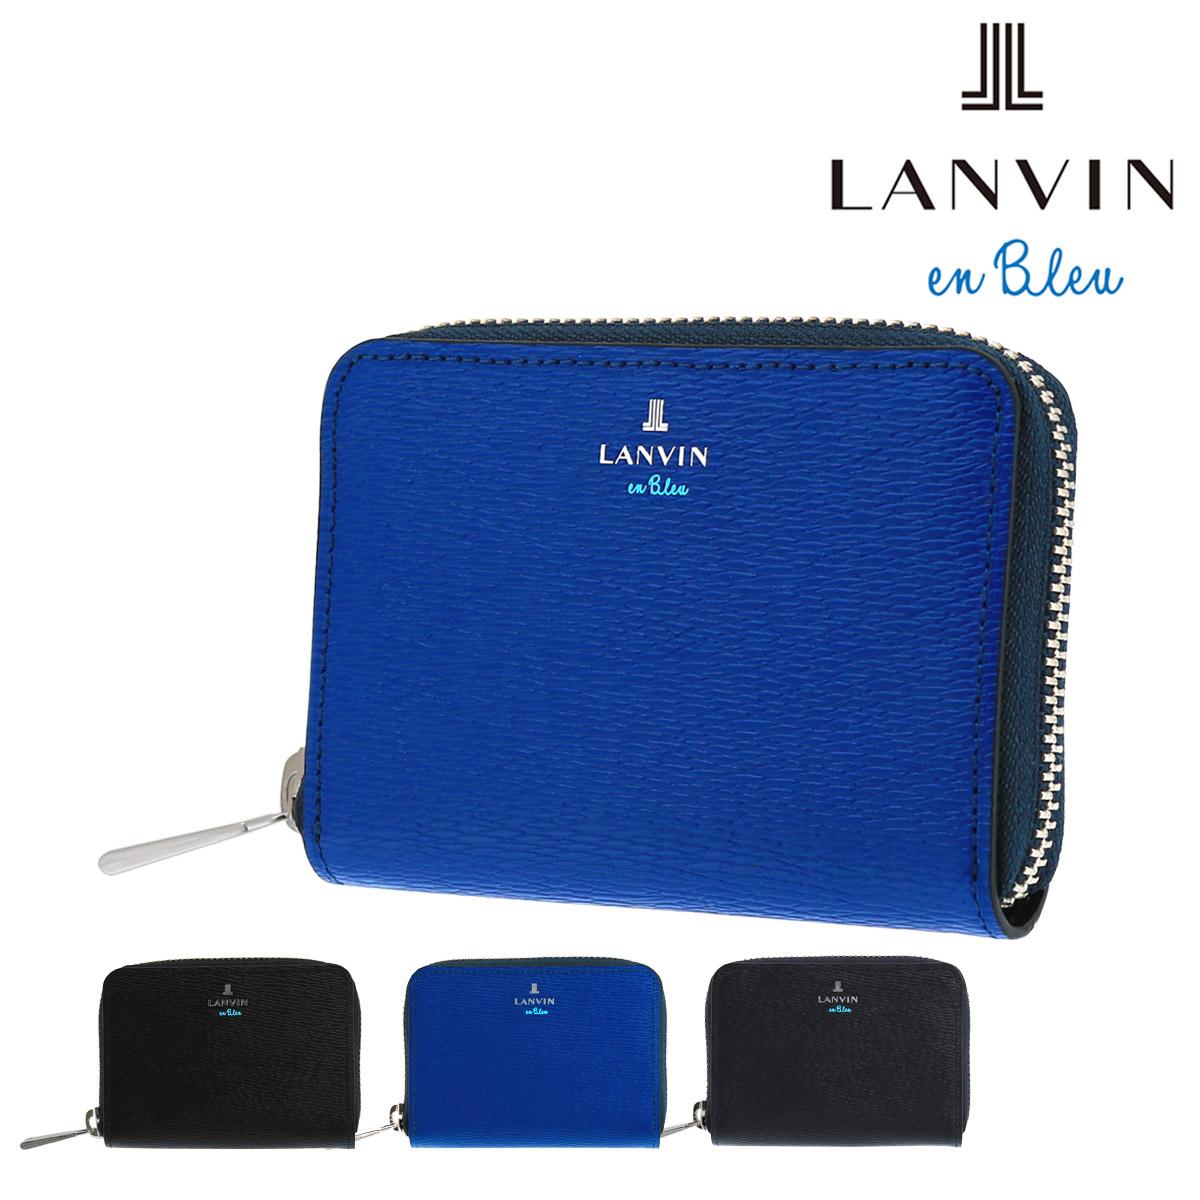 ランバンオンブルー 財布 小銭入れ ワグラム メンズ579601 LANVIN en Bleu | コインケース ラウンドファスナー 本革 レザー[bef][PO10]